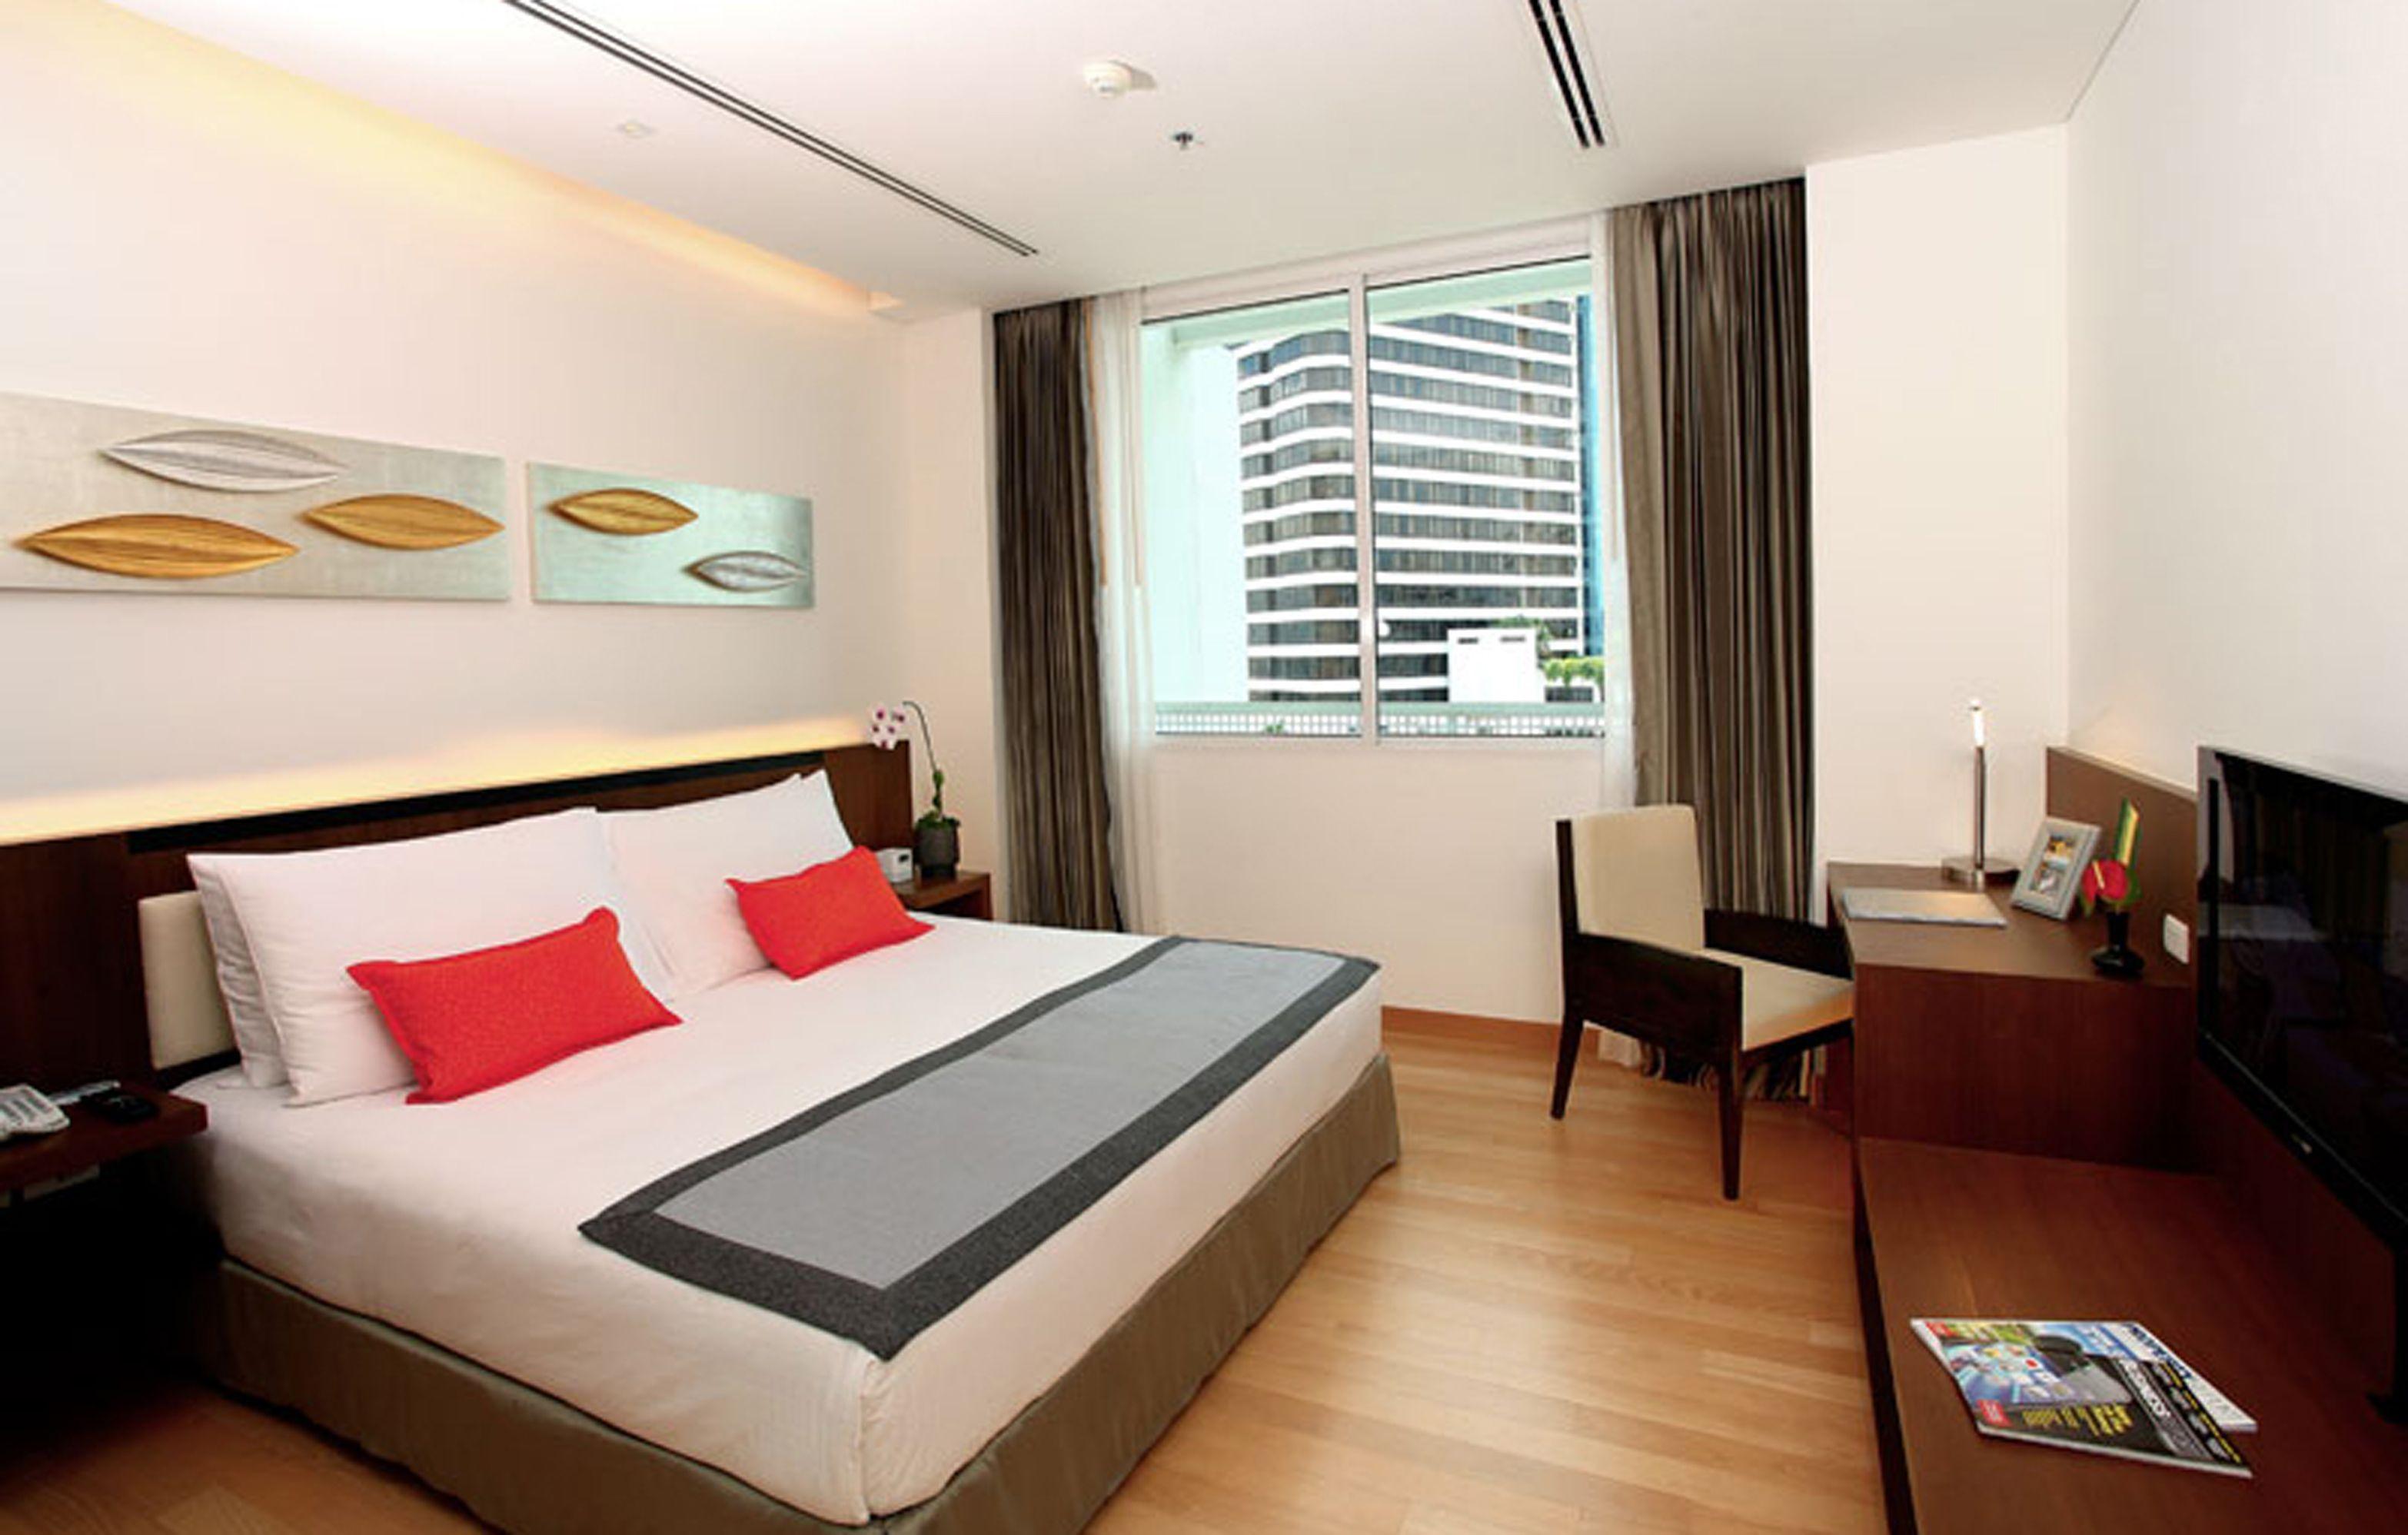 guys bedroom design ideas baby bedroom design ideas rectangular bedroom design ideas #Bedrooms | Boy bedroom design. Small boys bedrooms. Small ...